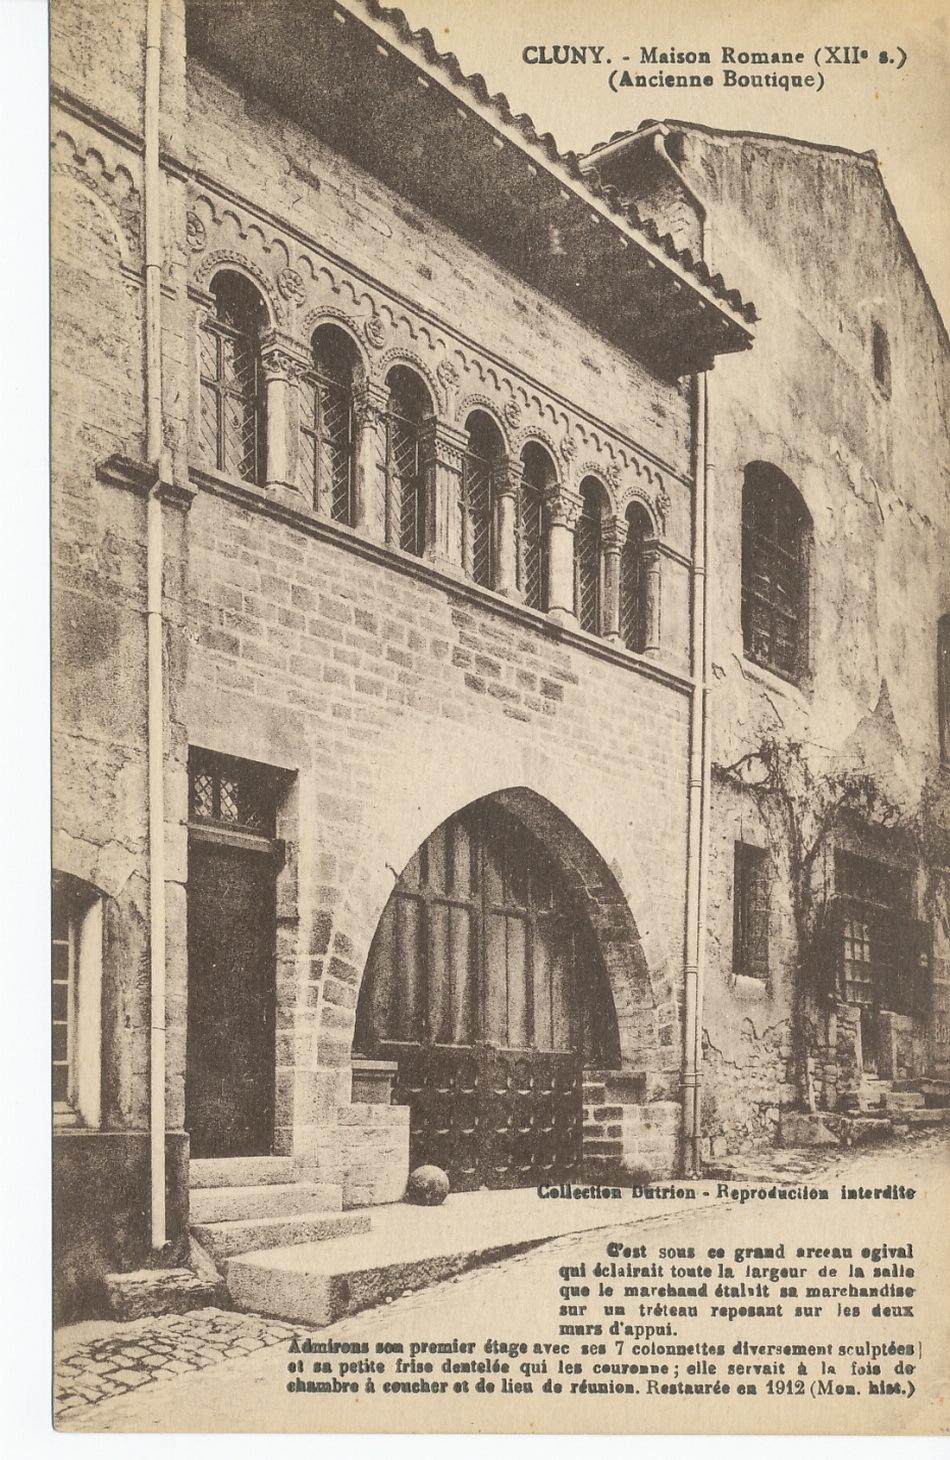 Cluny -  Cluny. Maison romane (XIIe s.) (ancienne boutique). C'est sous ce grand arceau ogival qui éclairait toute la largeur de la salle que le marchand étalait sa marchandise sur un tréteau...